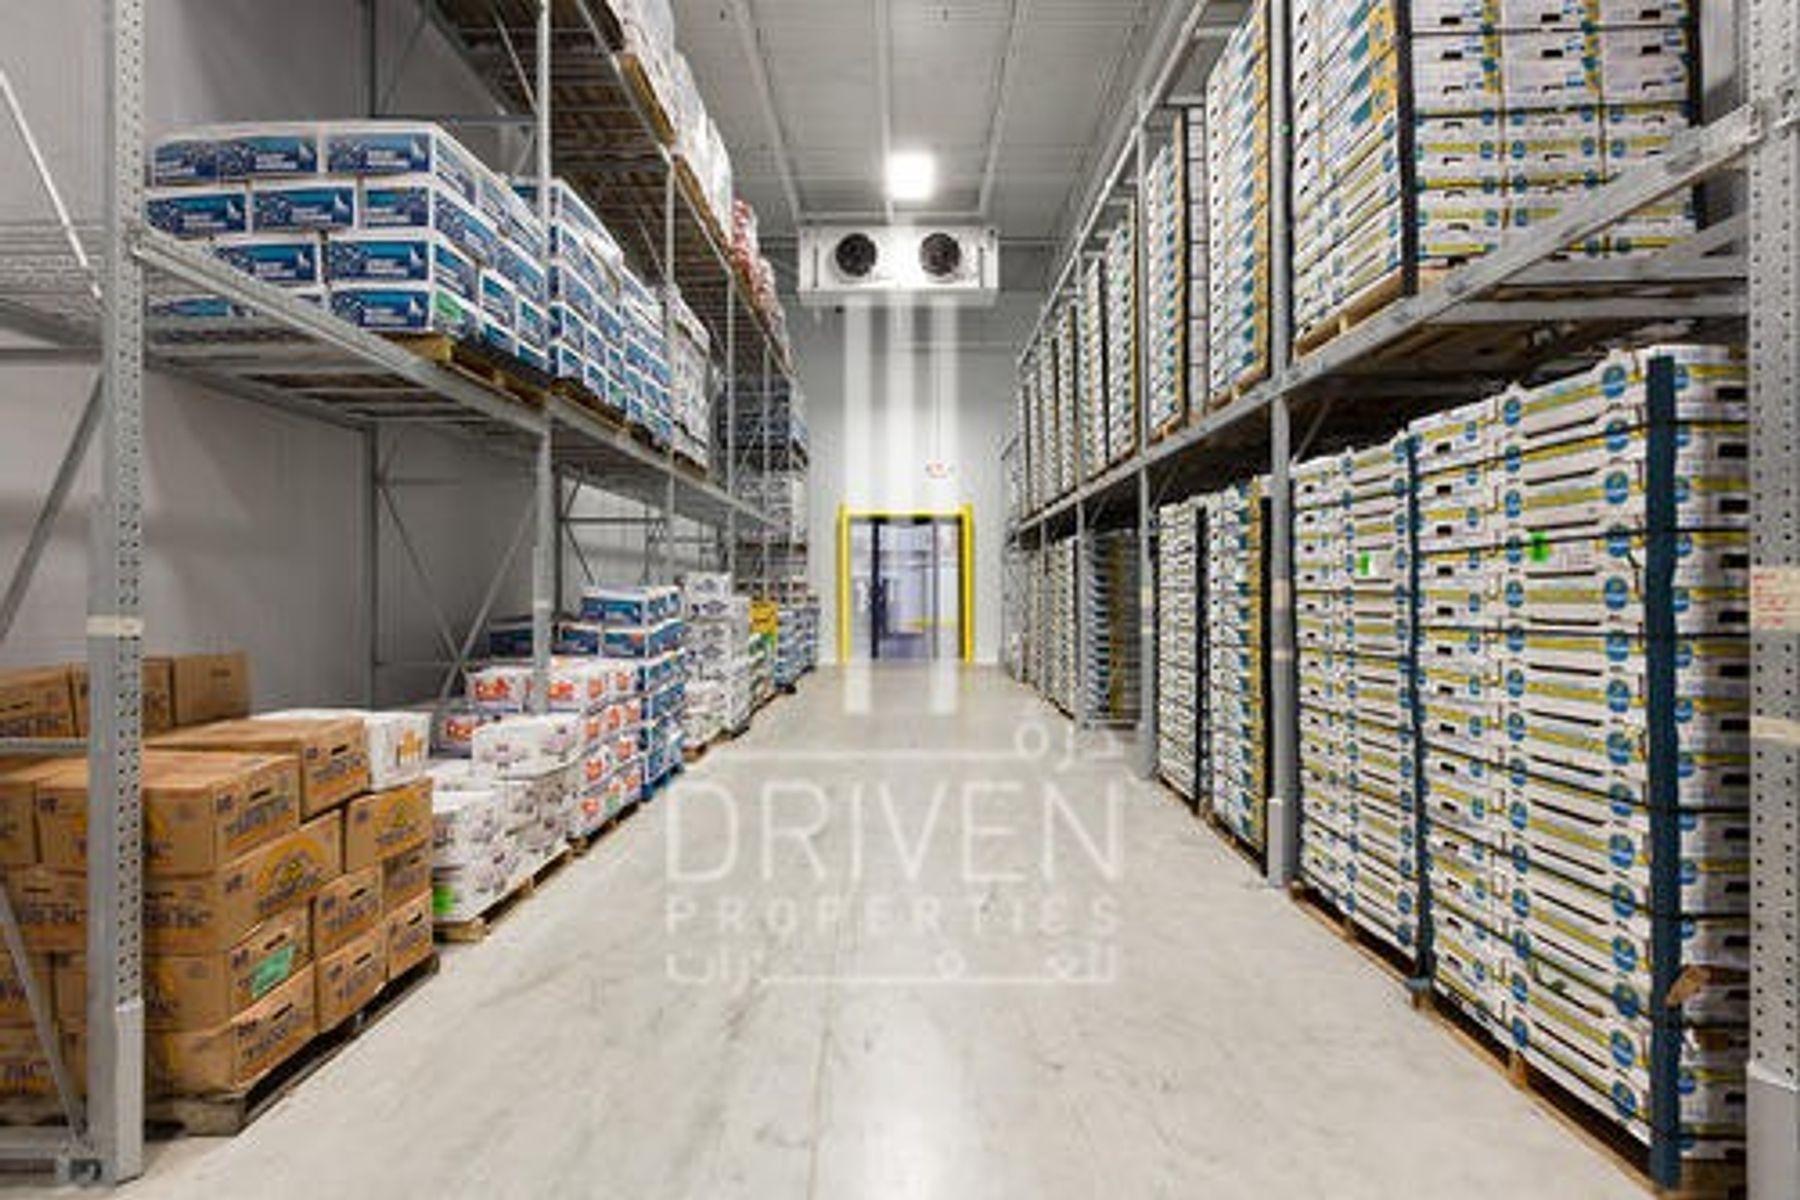 للايجار - مصنع - المرحلة 2 - مجمع دبي للإستثمار